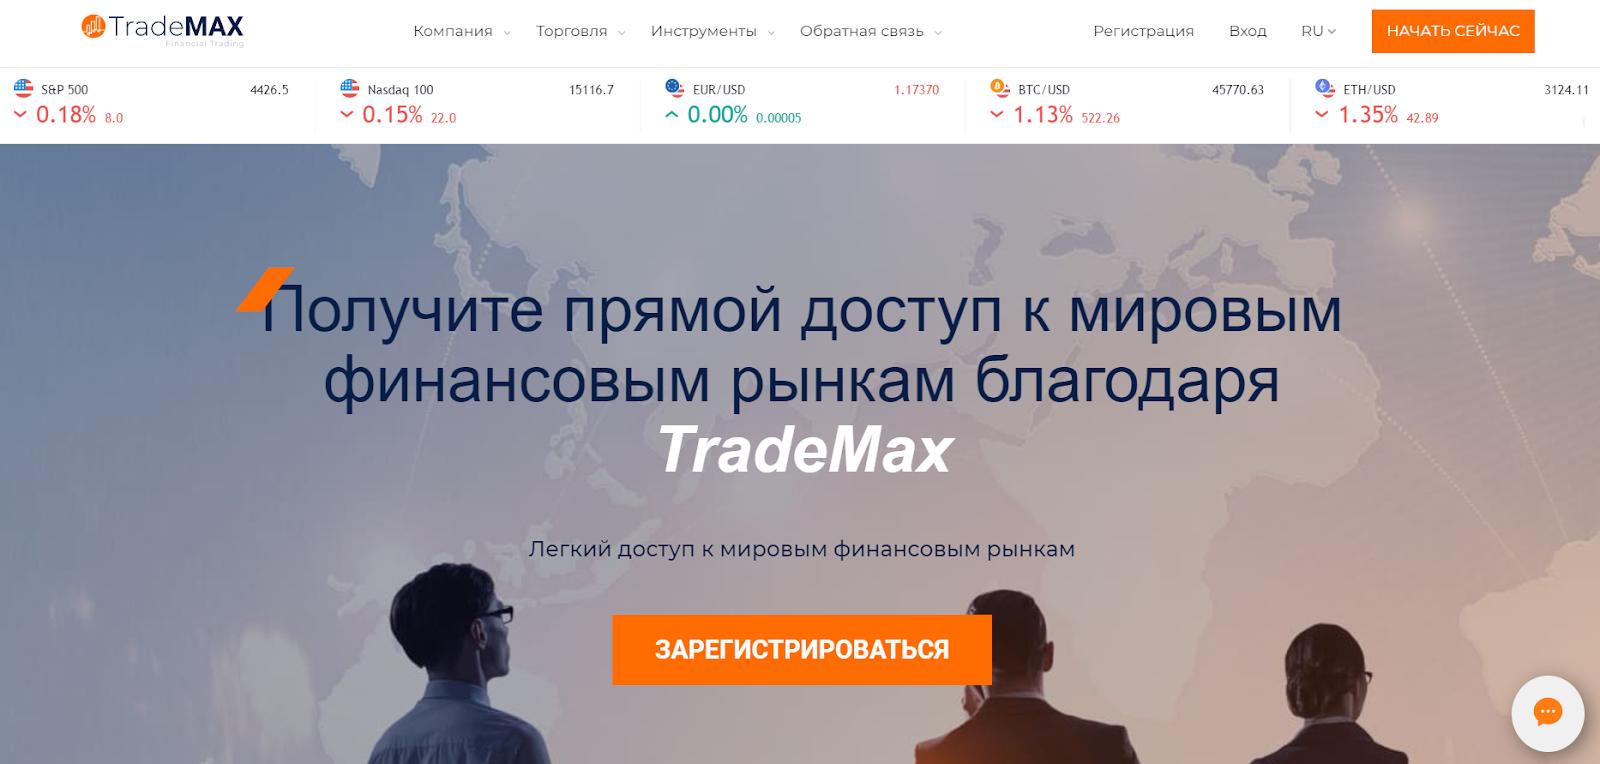 Отзывы о TradeMax: что о брокере думают пользователи? реальные отзывы